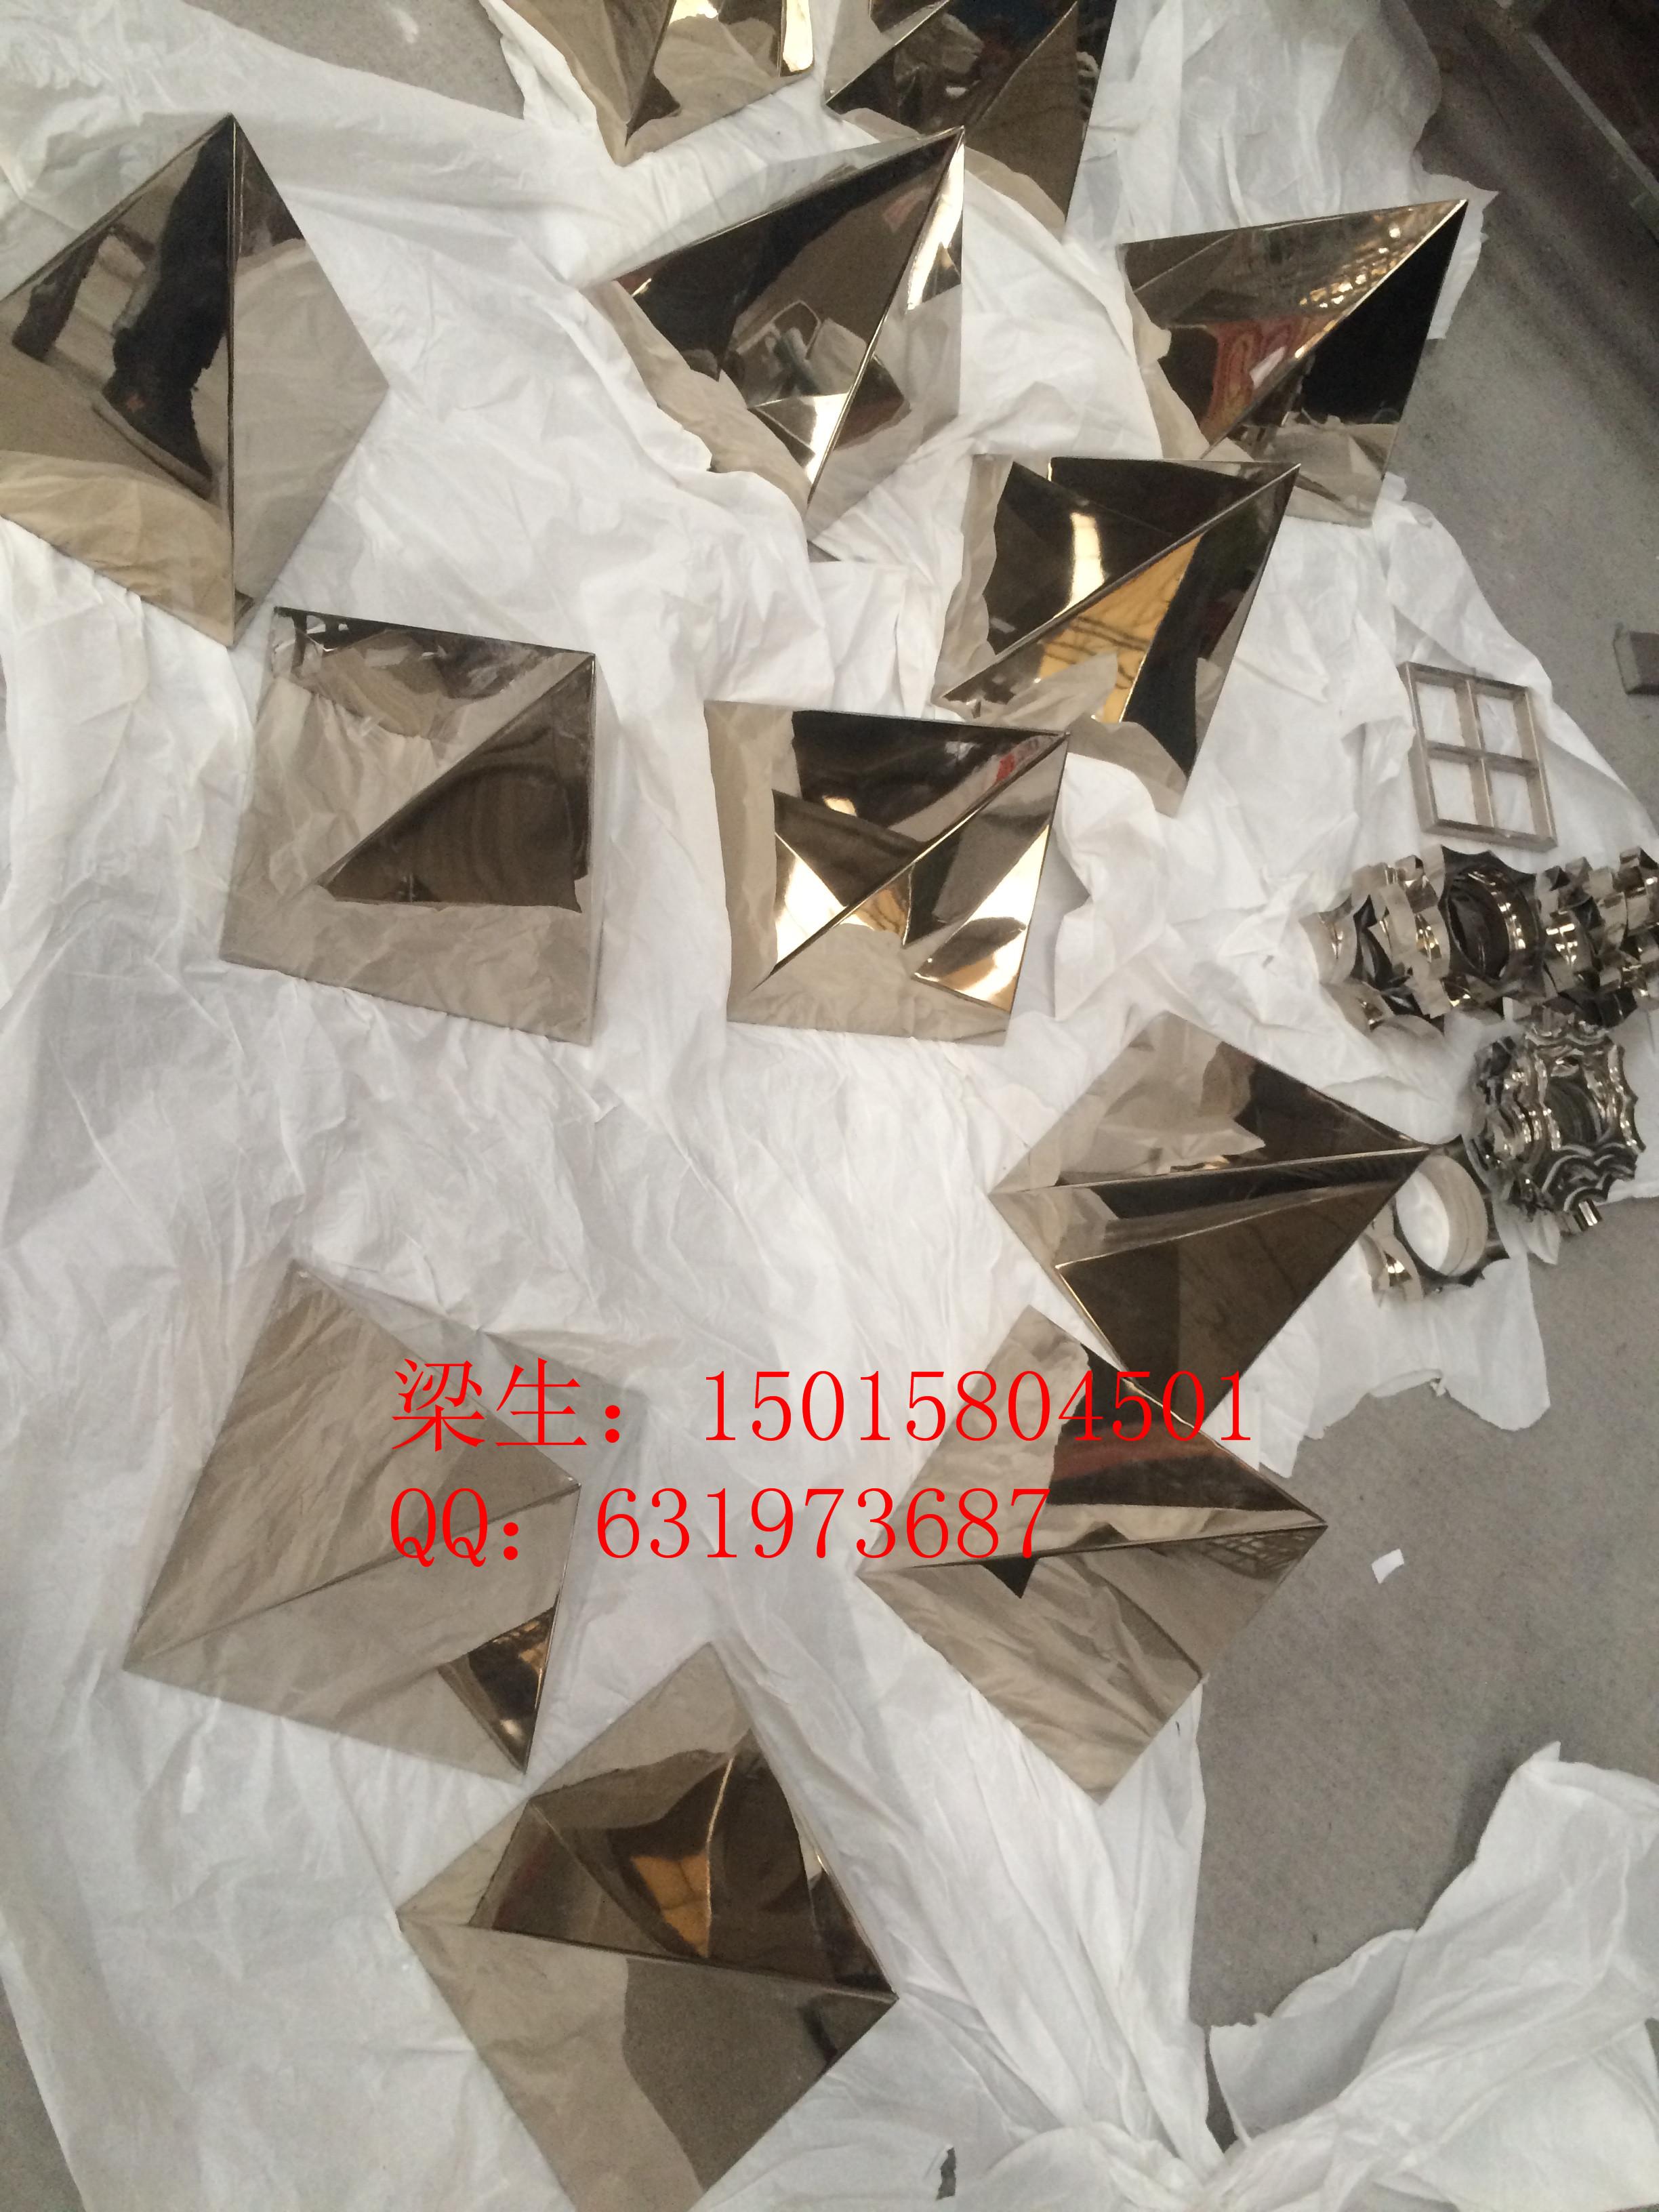 定制不锈钢金字塔摆件不锈钢镜面精抛光工艺品